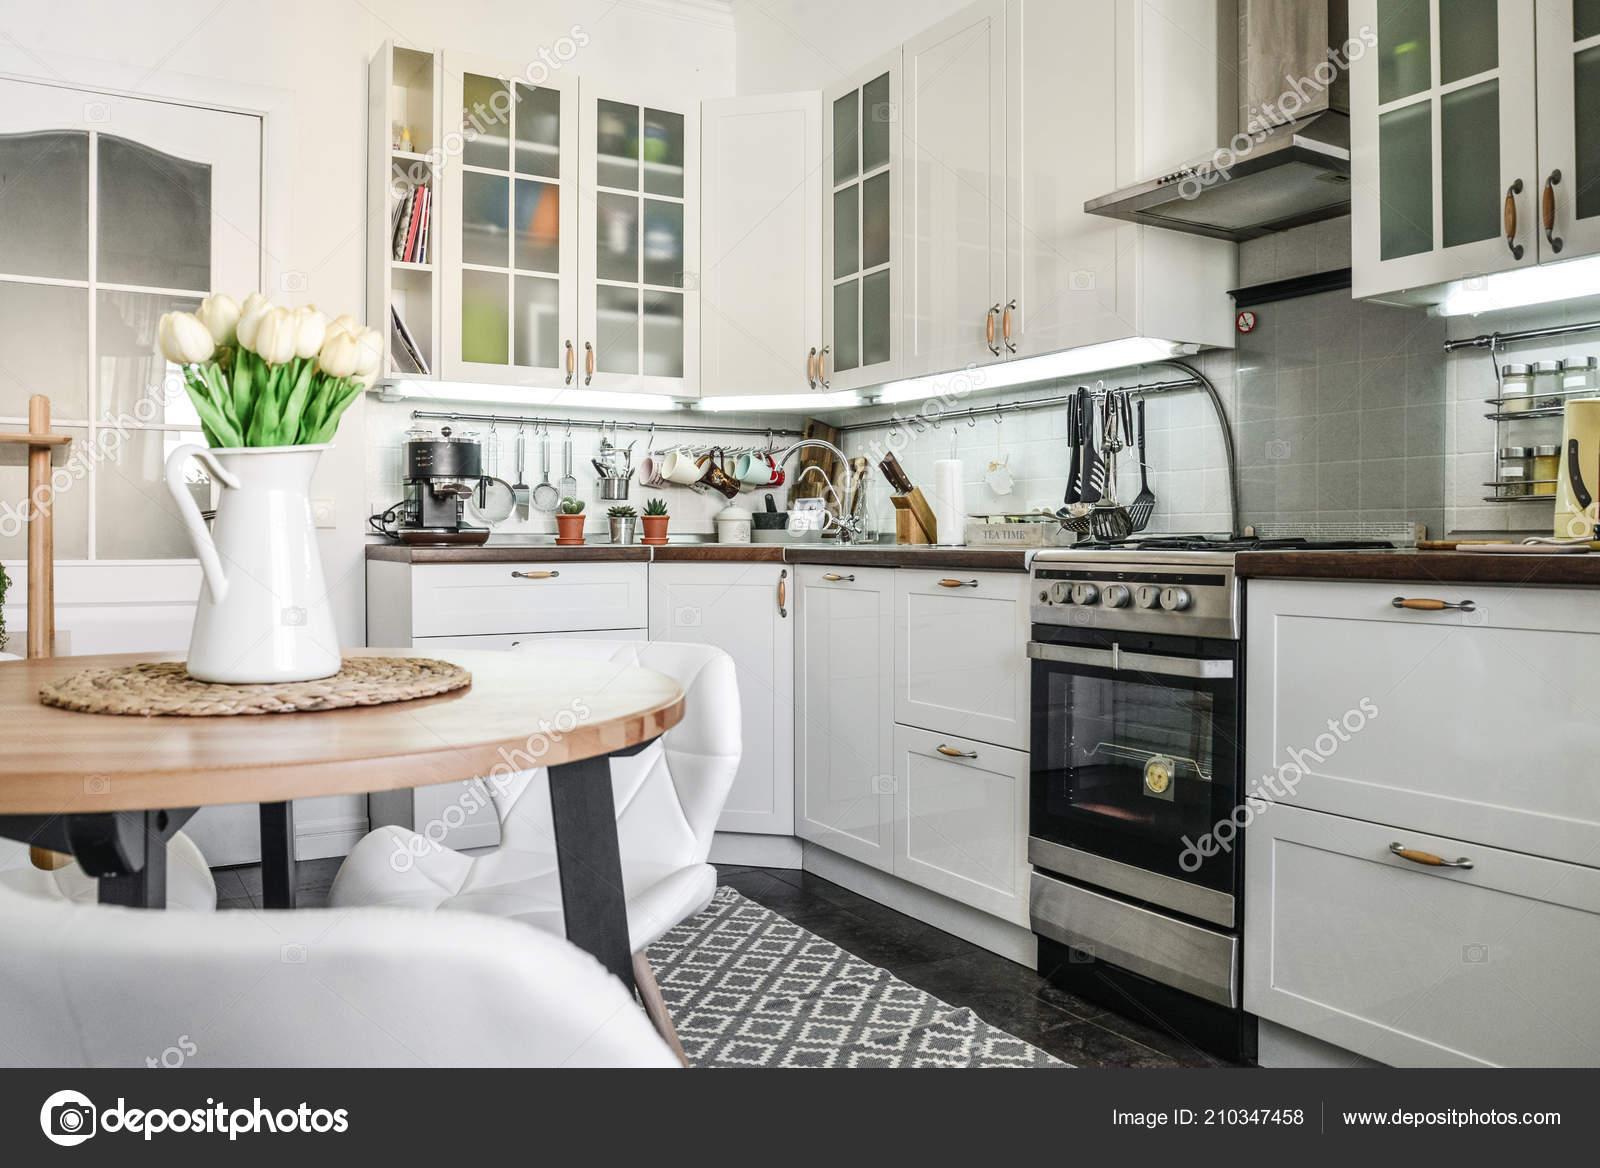 https://st4.depositphotos.com/1098692/21034/i/1600/depositphotos_210347458-stockafbeelding-interieur-van-keuken-scandinavische-stijl.jpg